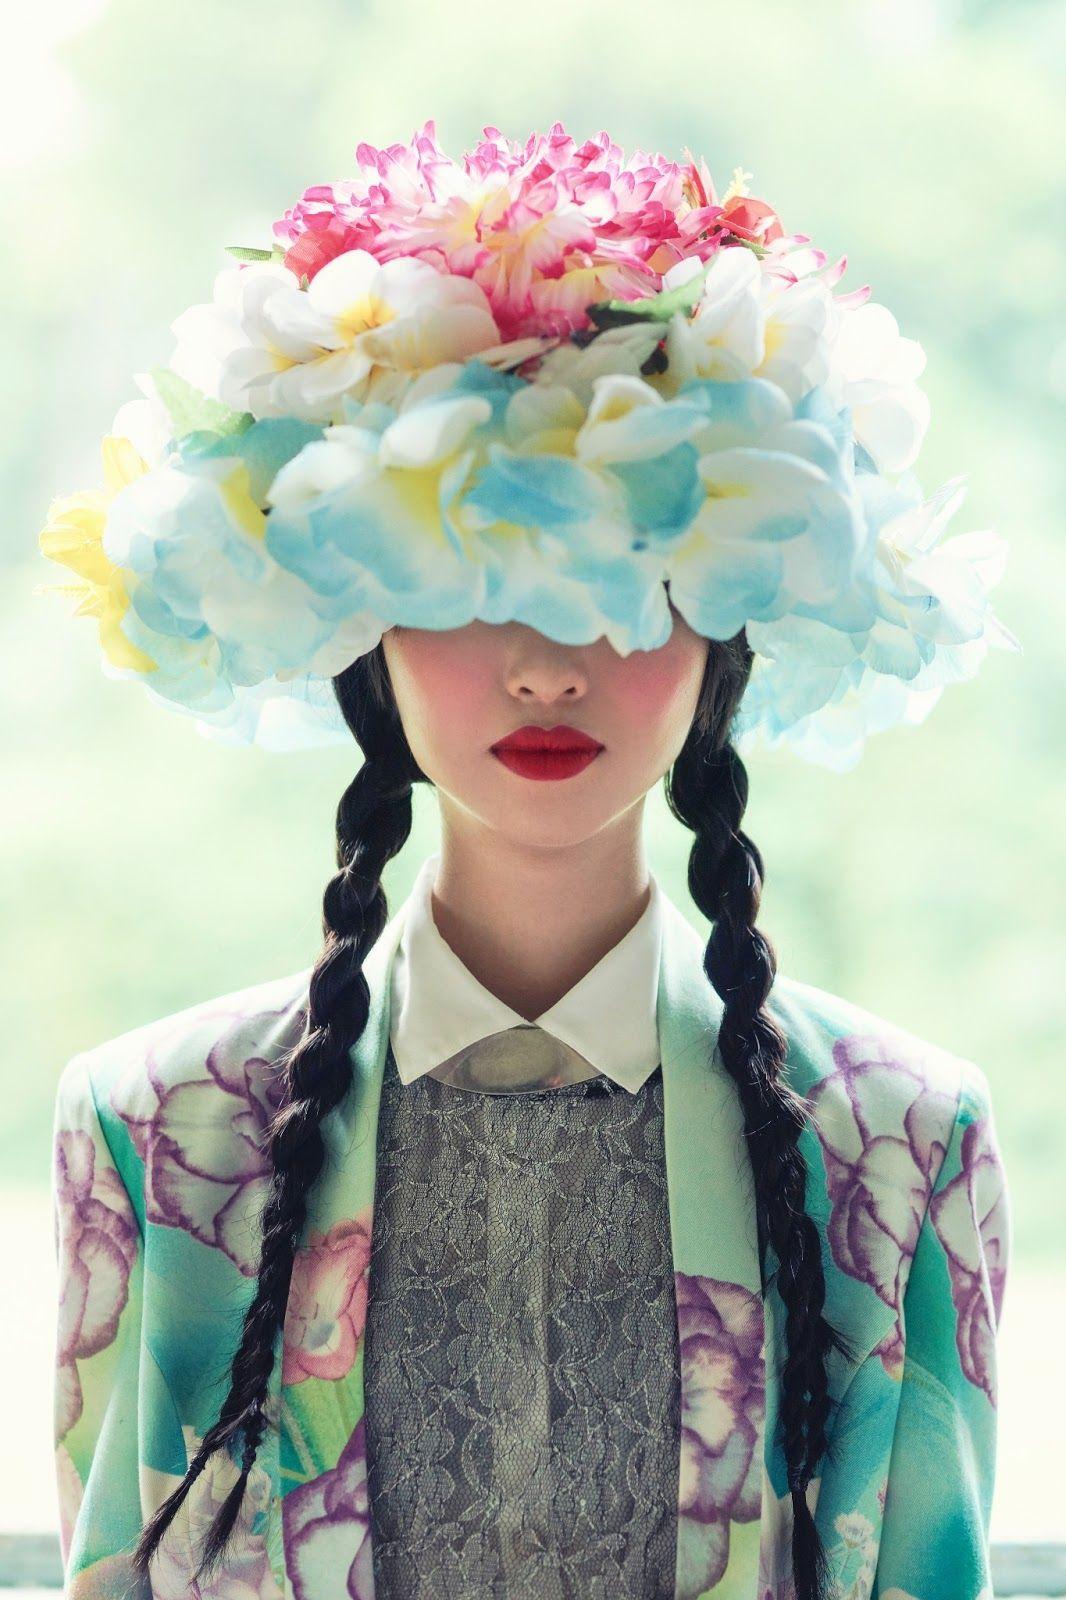 Moda magazine singapore the wallflower fashion editorial behind the moda magazine singapore the wallflower fashion editorial behind the scenes also featured on vogue flower hatsflower crownfloral izmirmasajfo